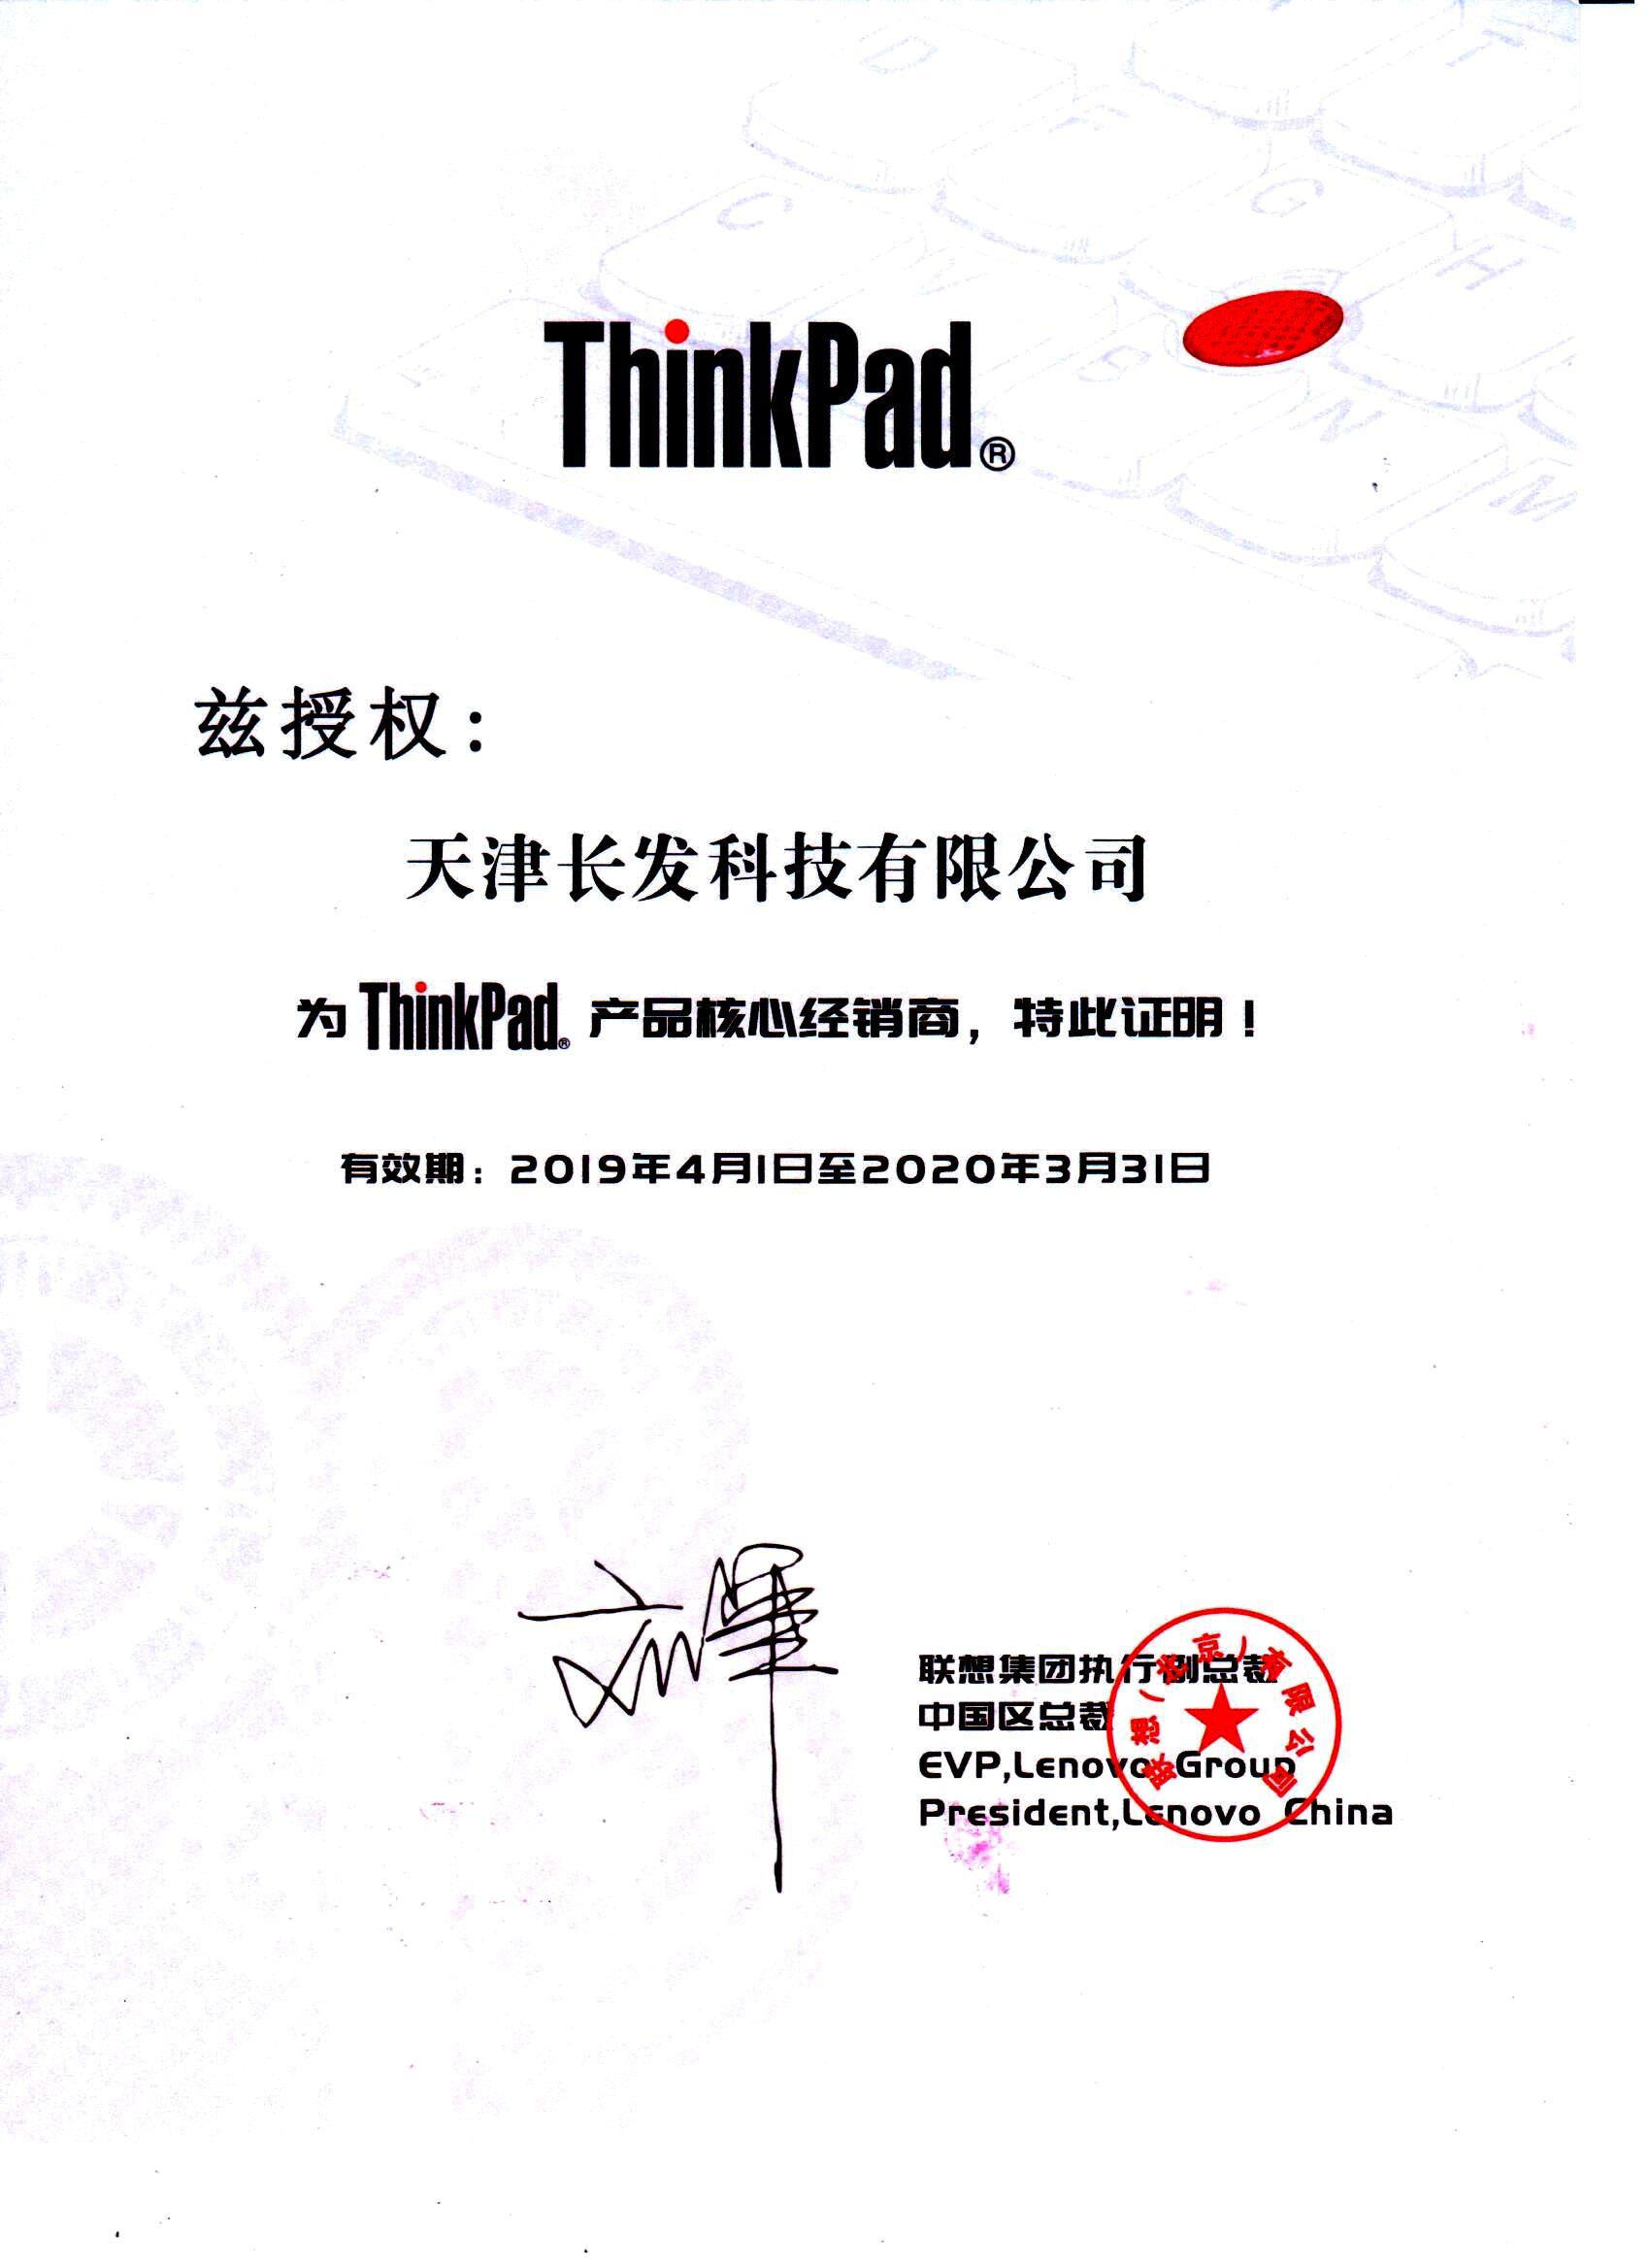 ThinkPad产品授权核心增值经销商